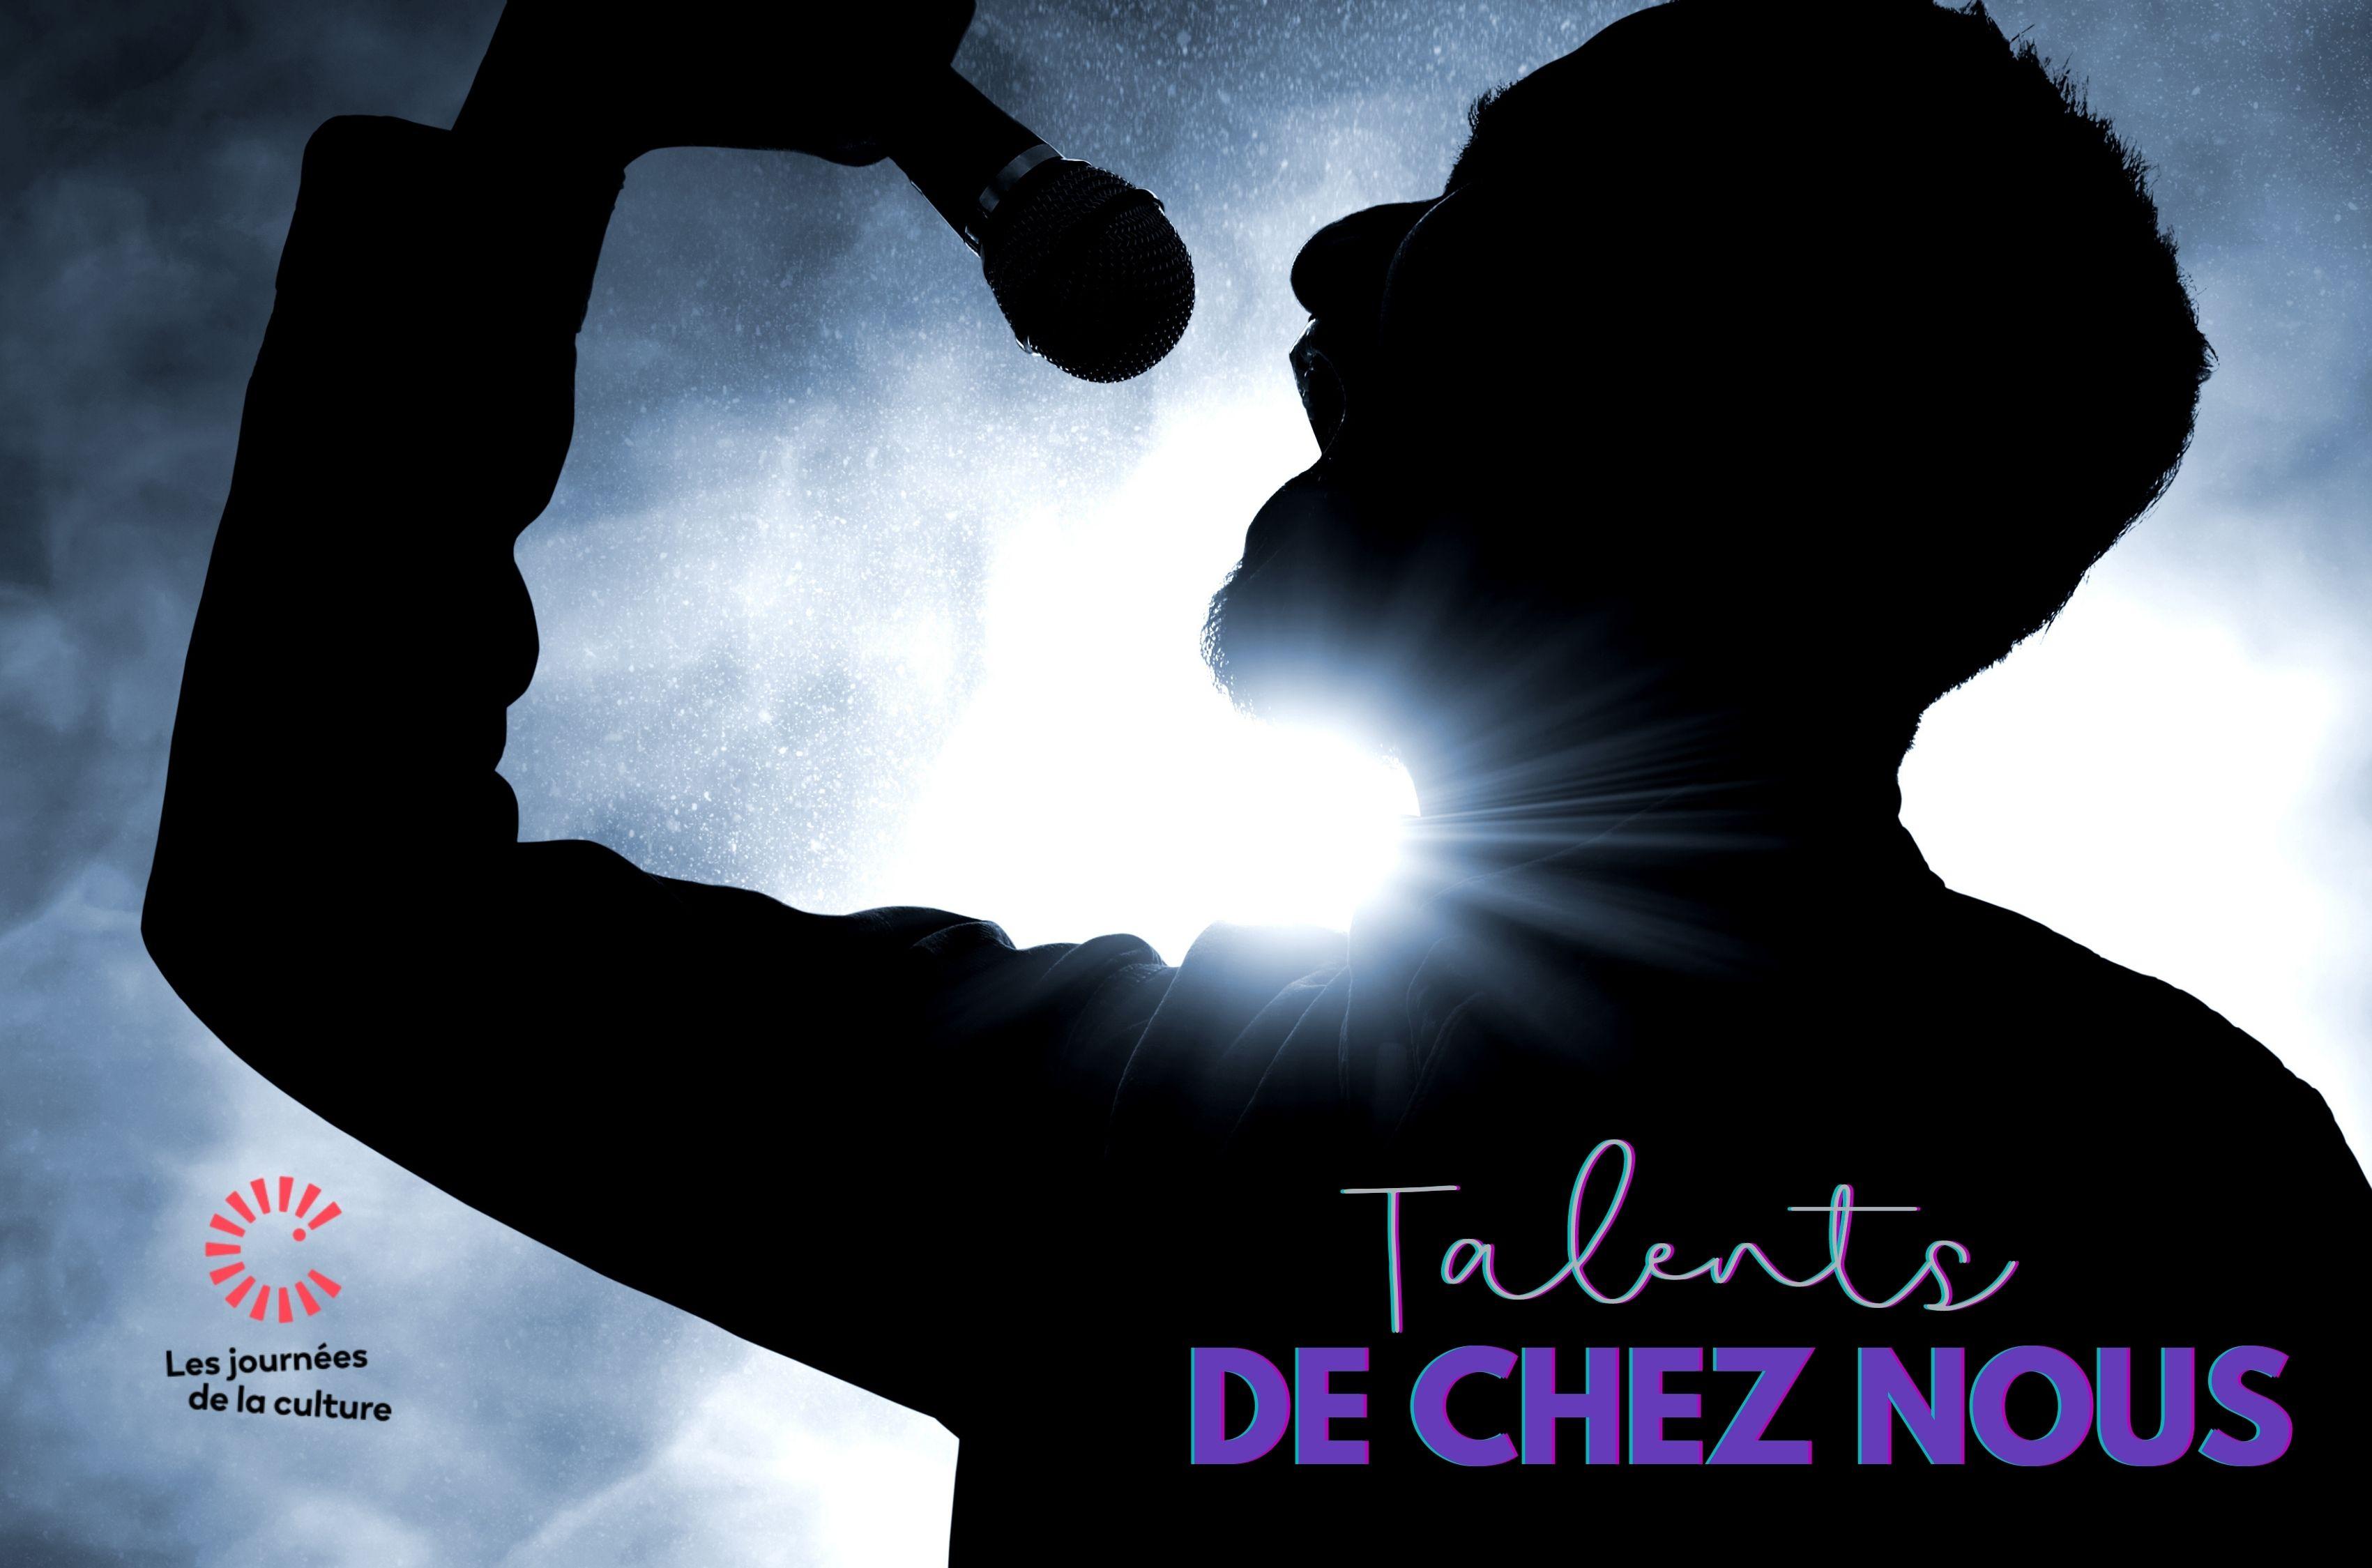 Ville de saint-Eustache - Journées de la culture 2021 - Talents de chez nous